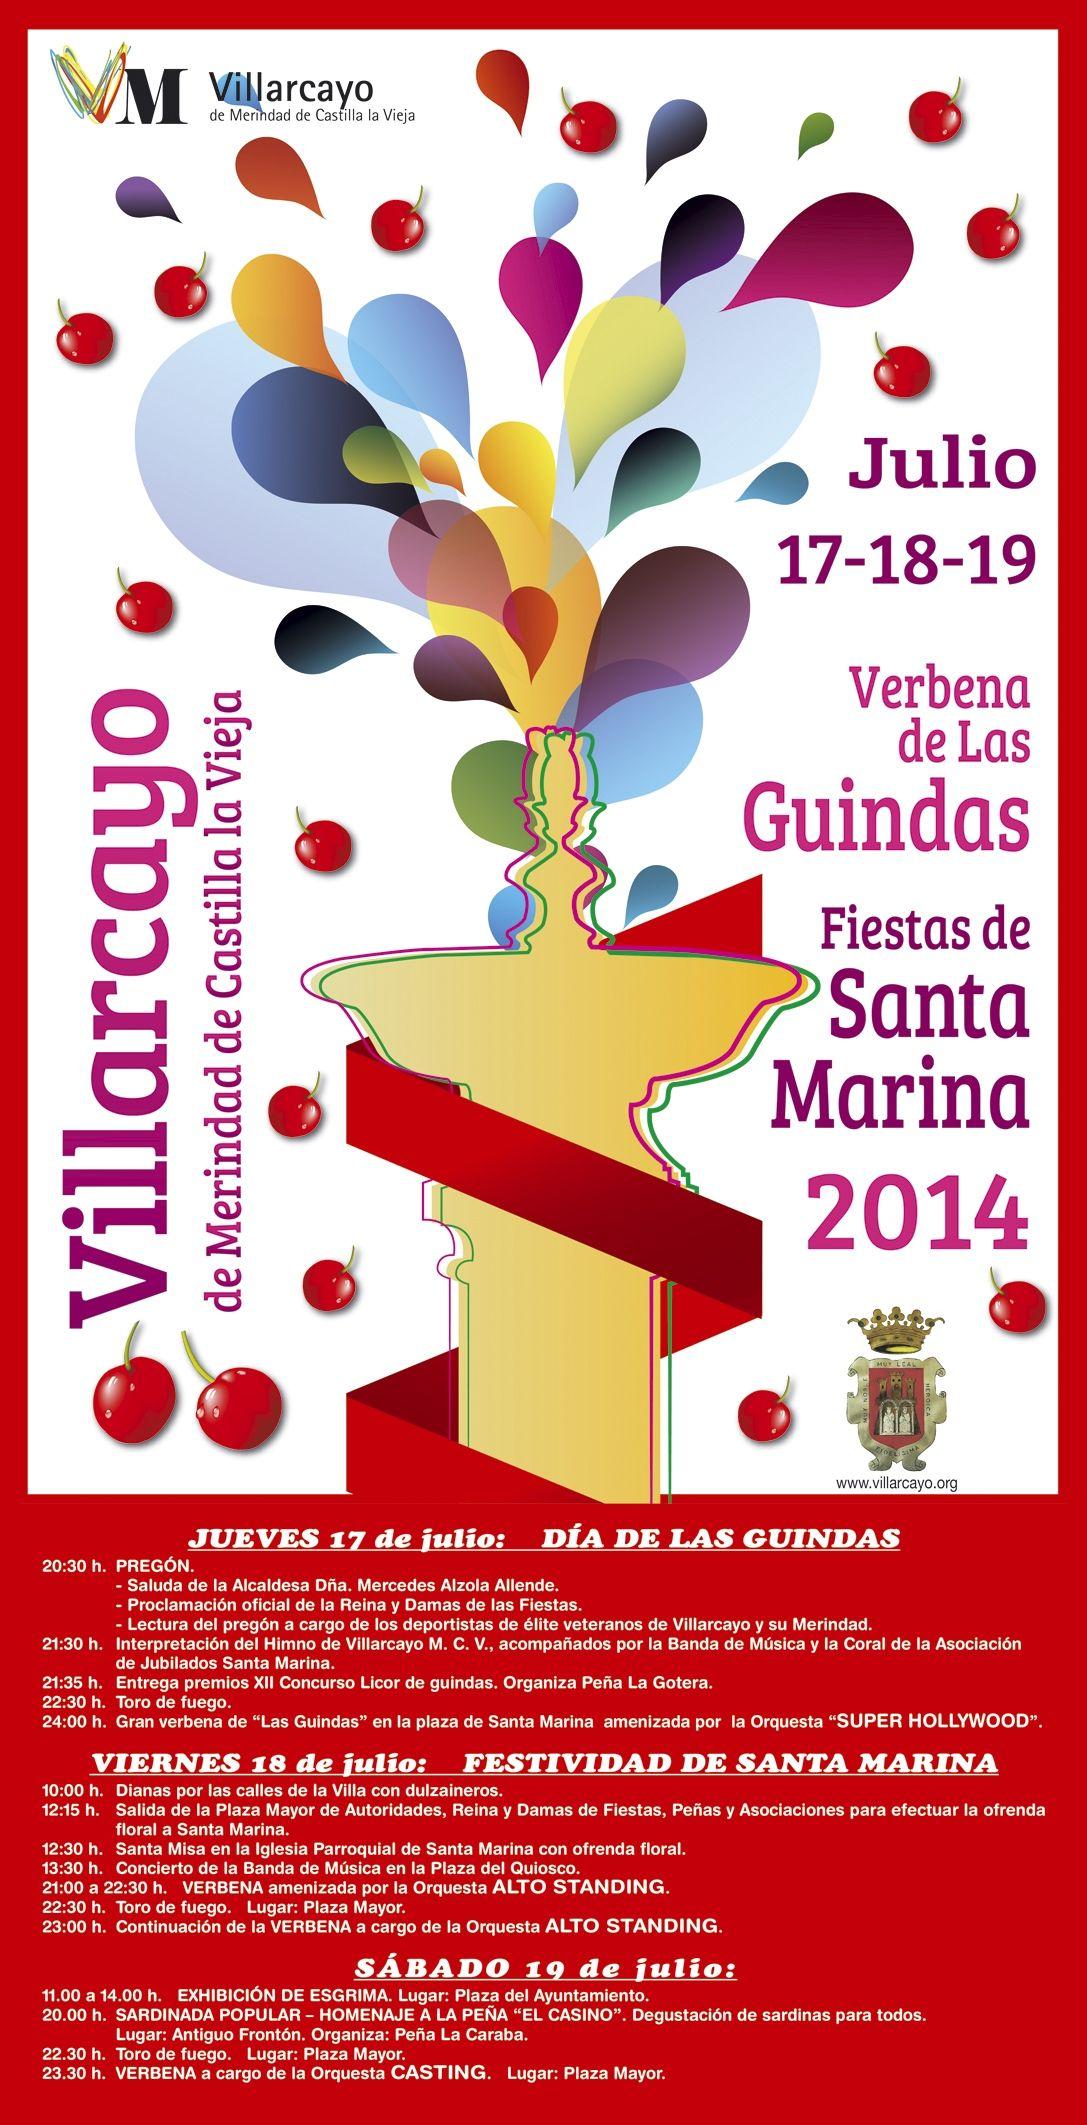 17-19 Julio. Fiestas de Santa Marina Las Guindas. Villarcayo